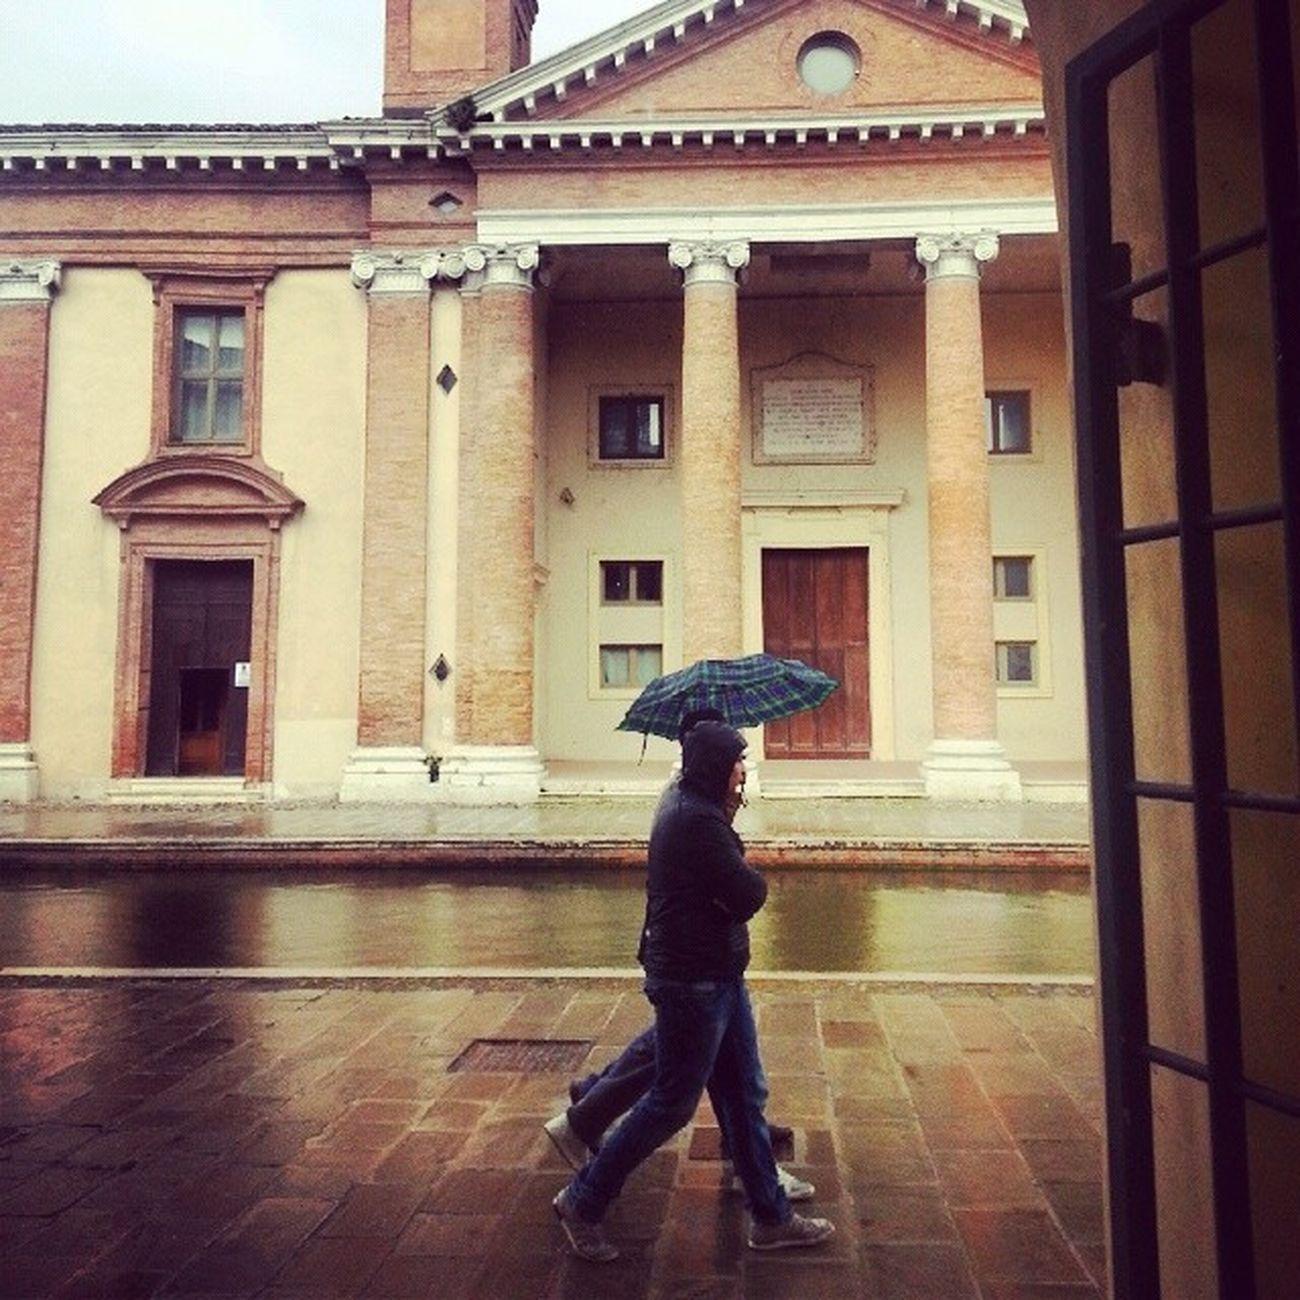 pioggia e noncuranza Pioggia Camminare Rain Walking